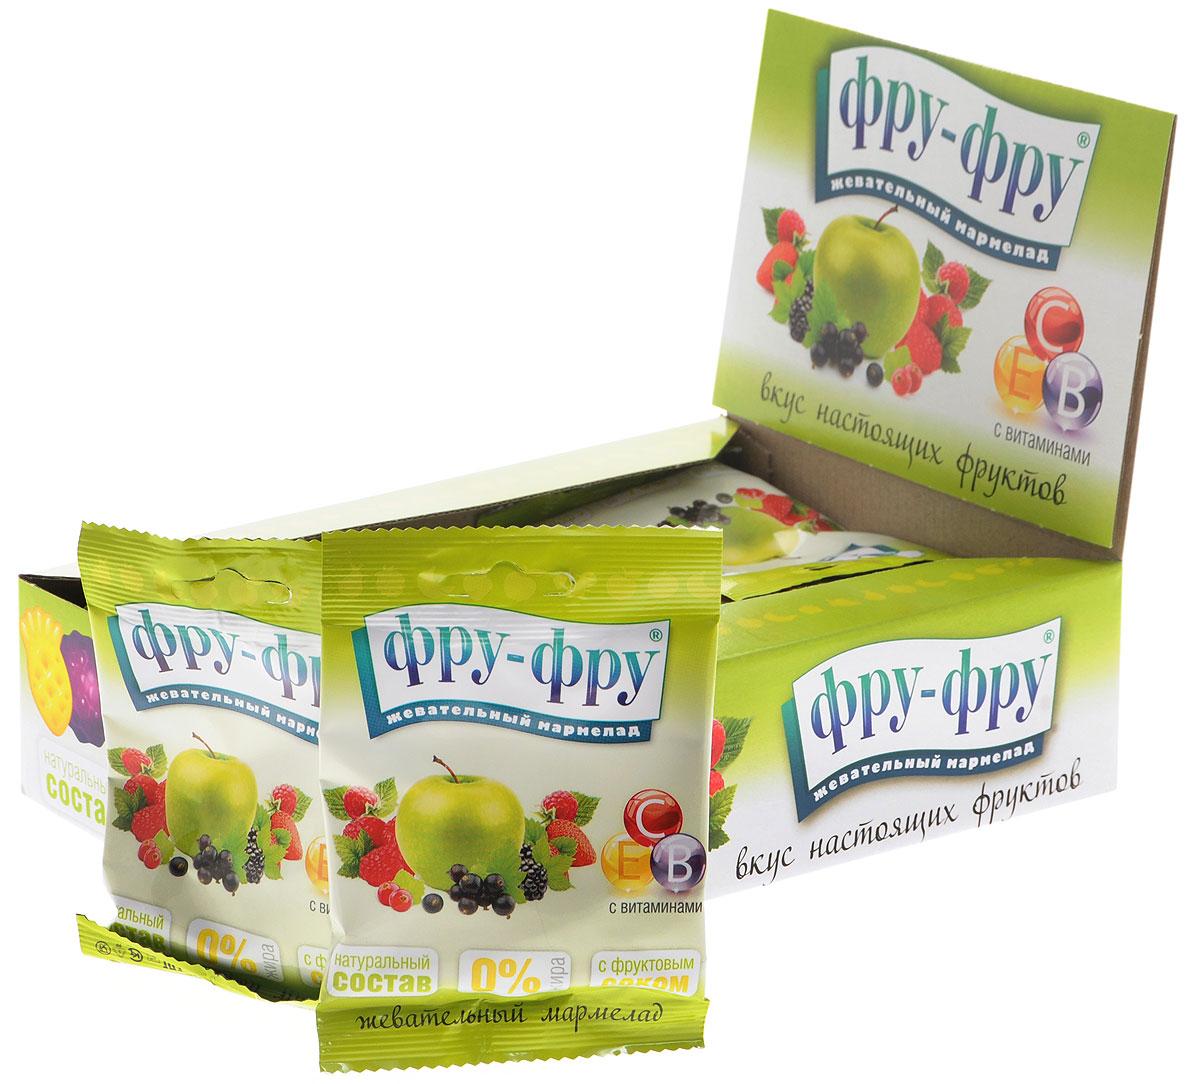 Фру-Фру Фруктовое ассорти мармелад жевательный, 720 г (24 шт)FF-3-6Жевательный мармелад Фру-Фру Фруктовое ассорти со 100% натуральным составом, изготовленный в виде разноцветных ягод и фруктов. Содержит 30% от суточной нормы витаминов В, С, Е.